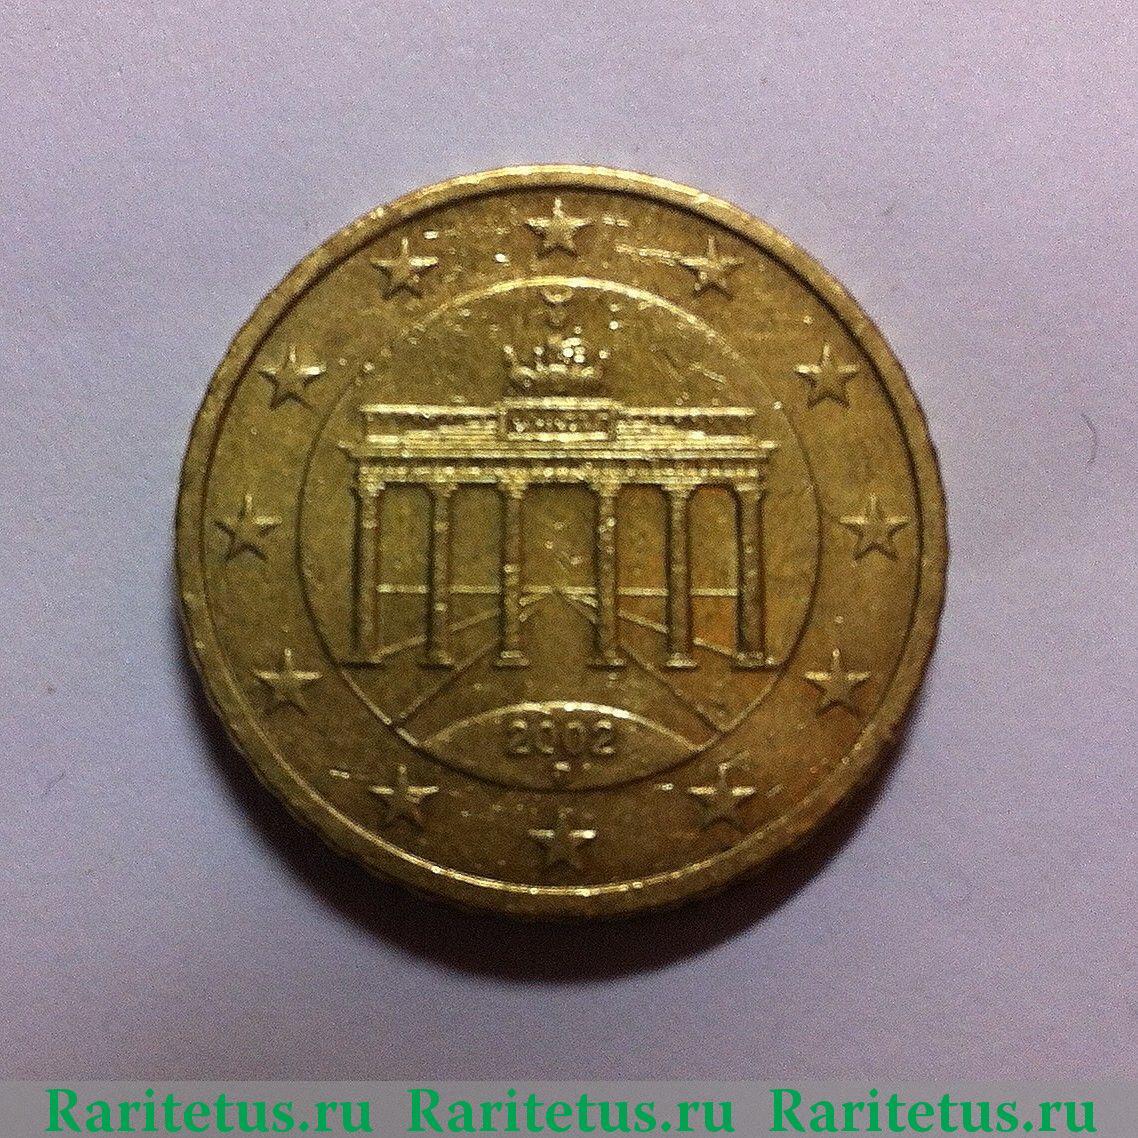 50 cent сколько рублей монета приднестровья 1 рубль 2014 каменка